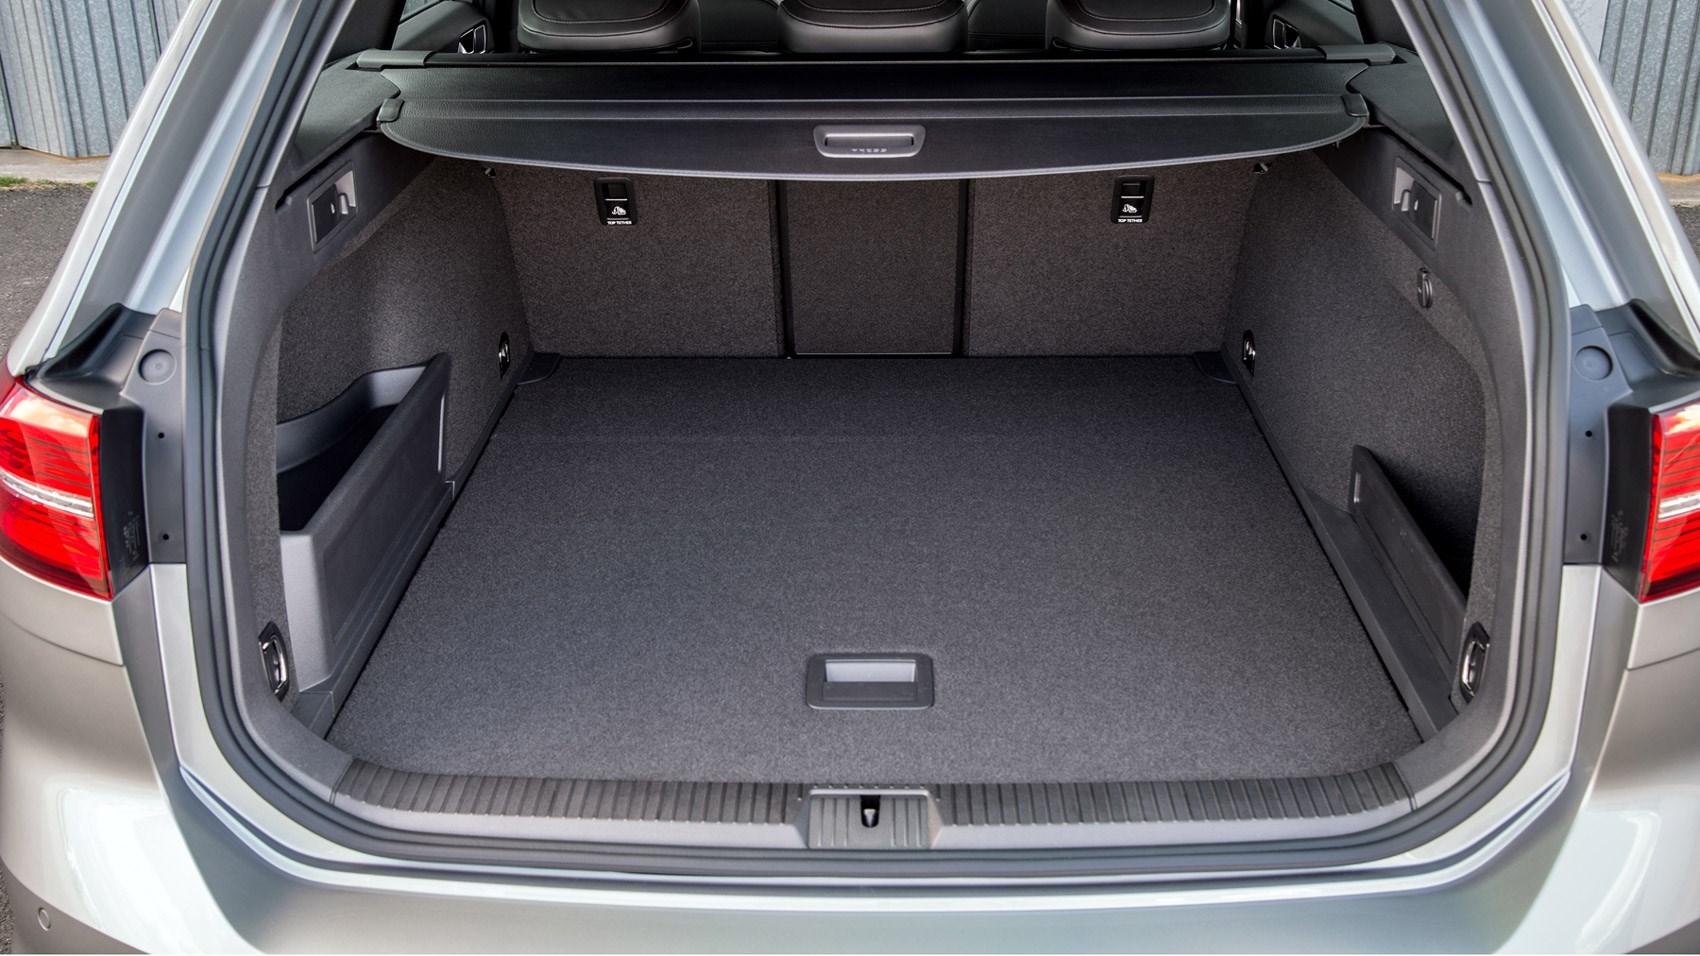 Vw Lease Deals >> VW Passat GTE Estate (2016) review | CAR Magazine